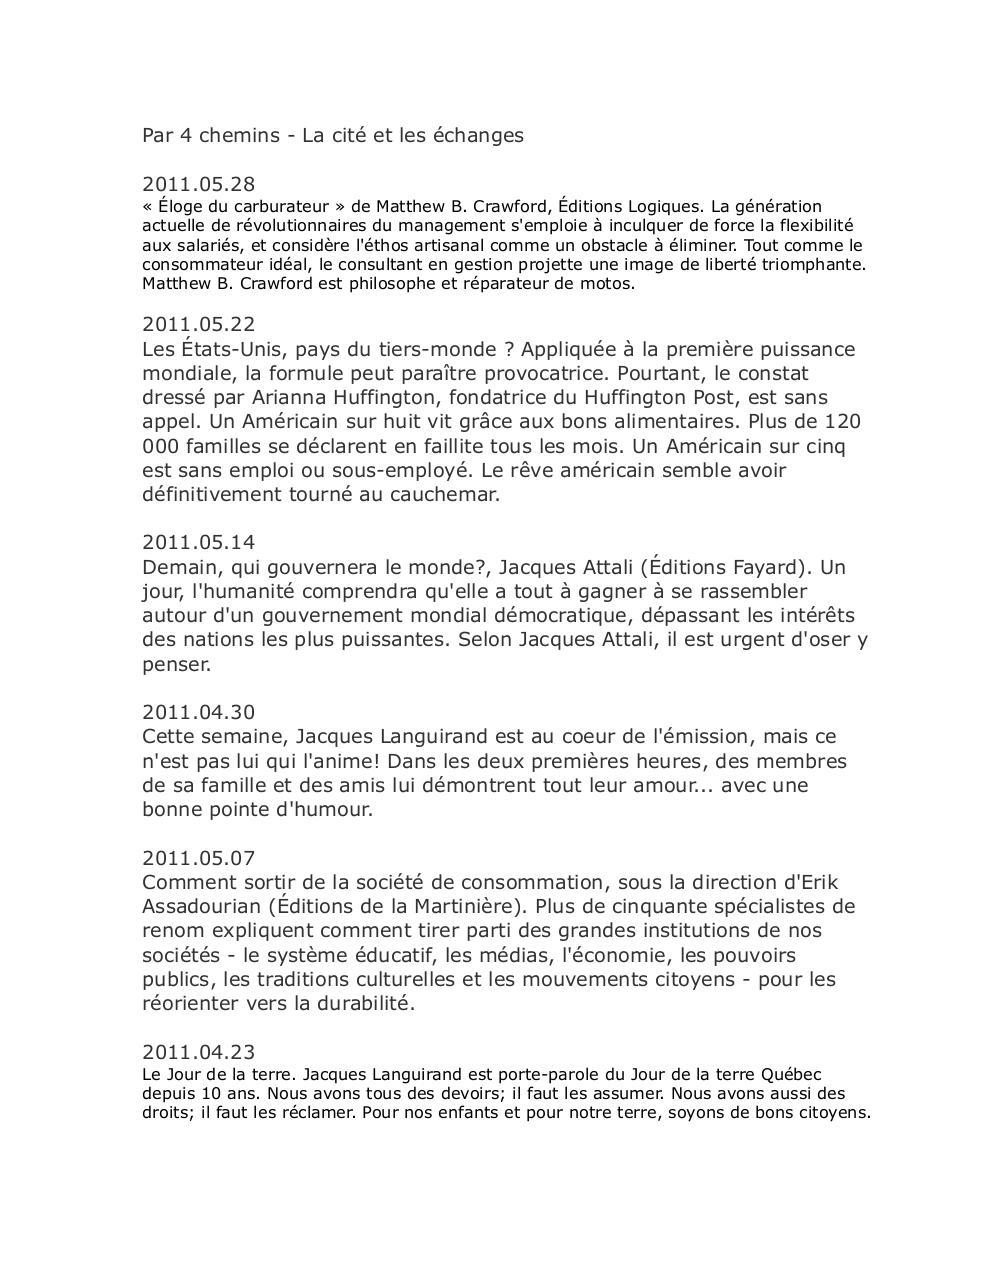 sans titre par nathalie tremblay la cit des changes par 4 chemins 29 ao t 2009 a 28 mai 2011. Black Bedroom Furniture Sets. Home Design Ideas